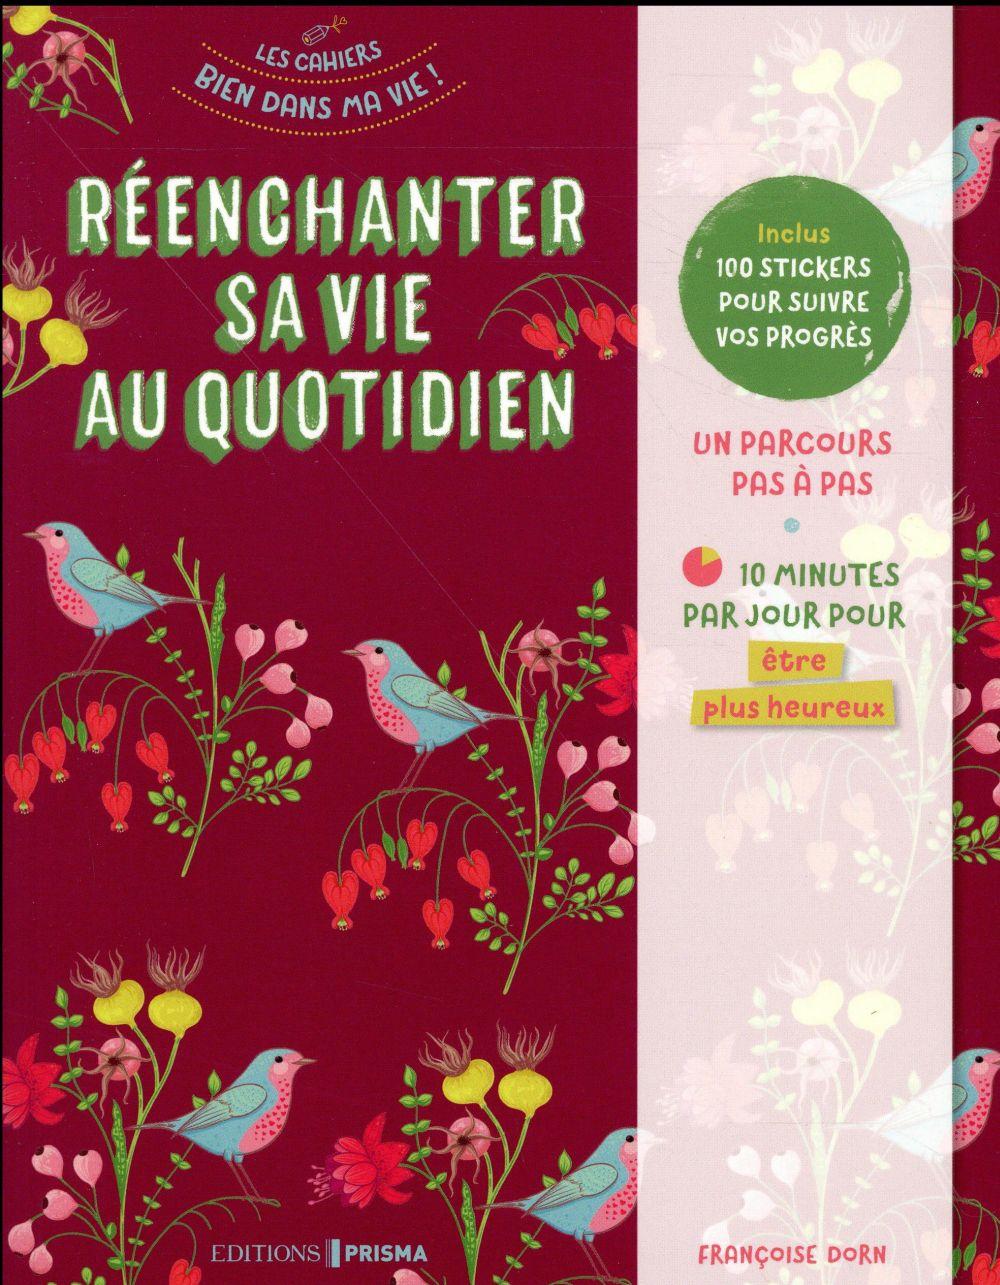 REENCHANTER SA VIE AU QUOTIDIEN Dorn Françoise Editions Prisma